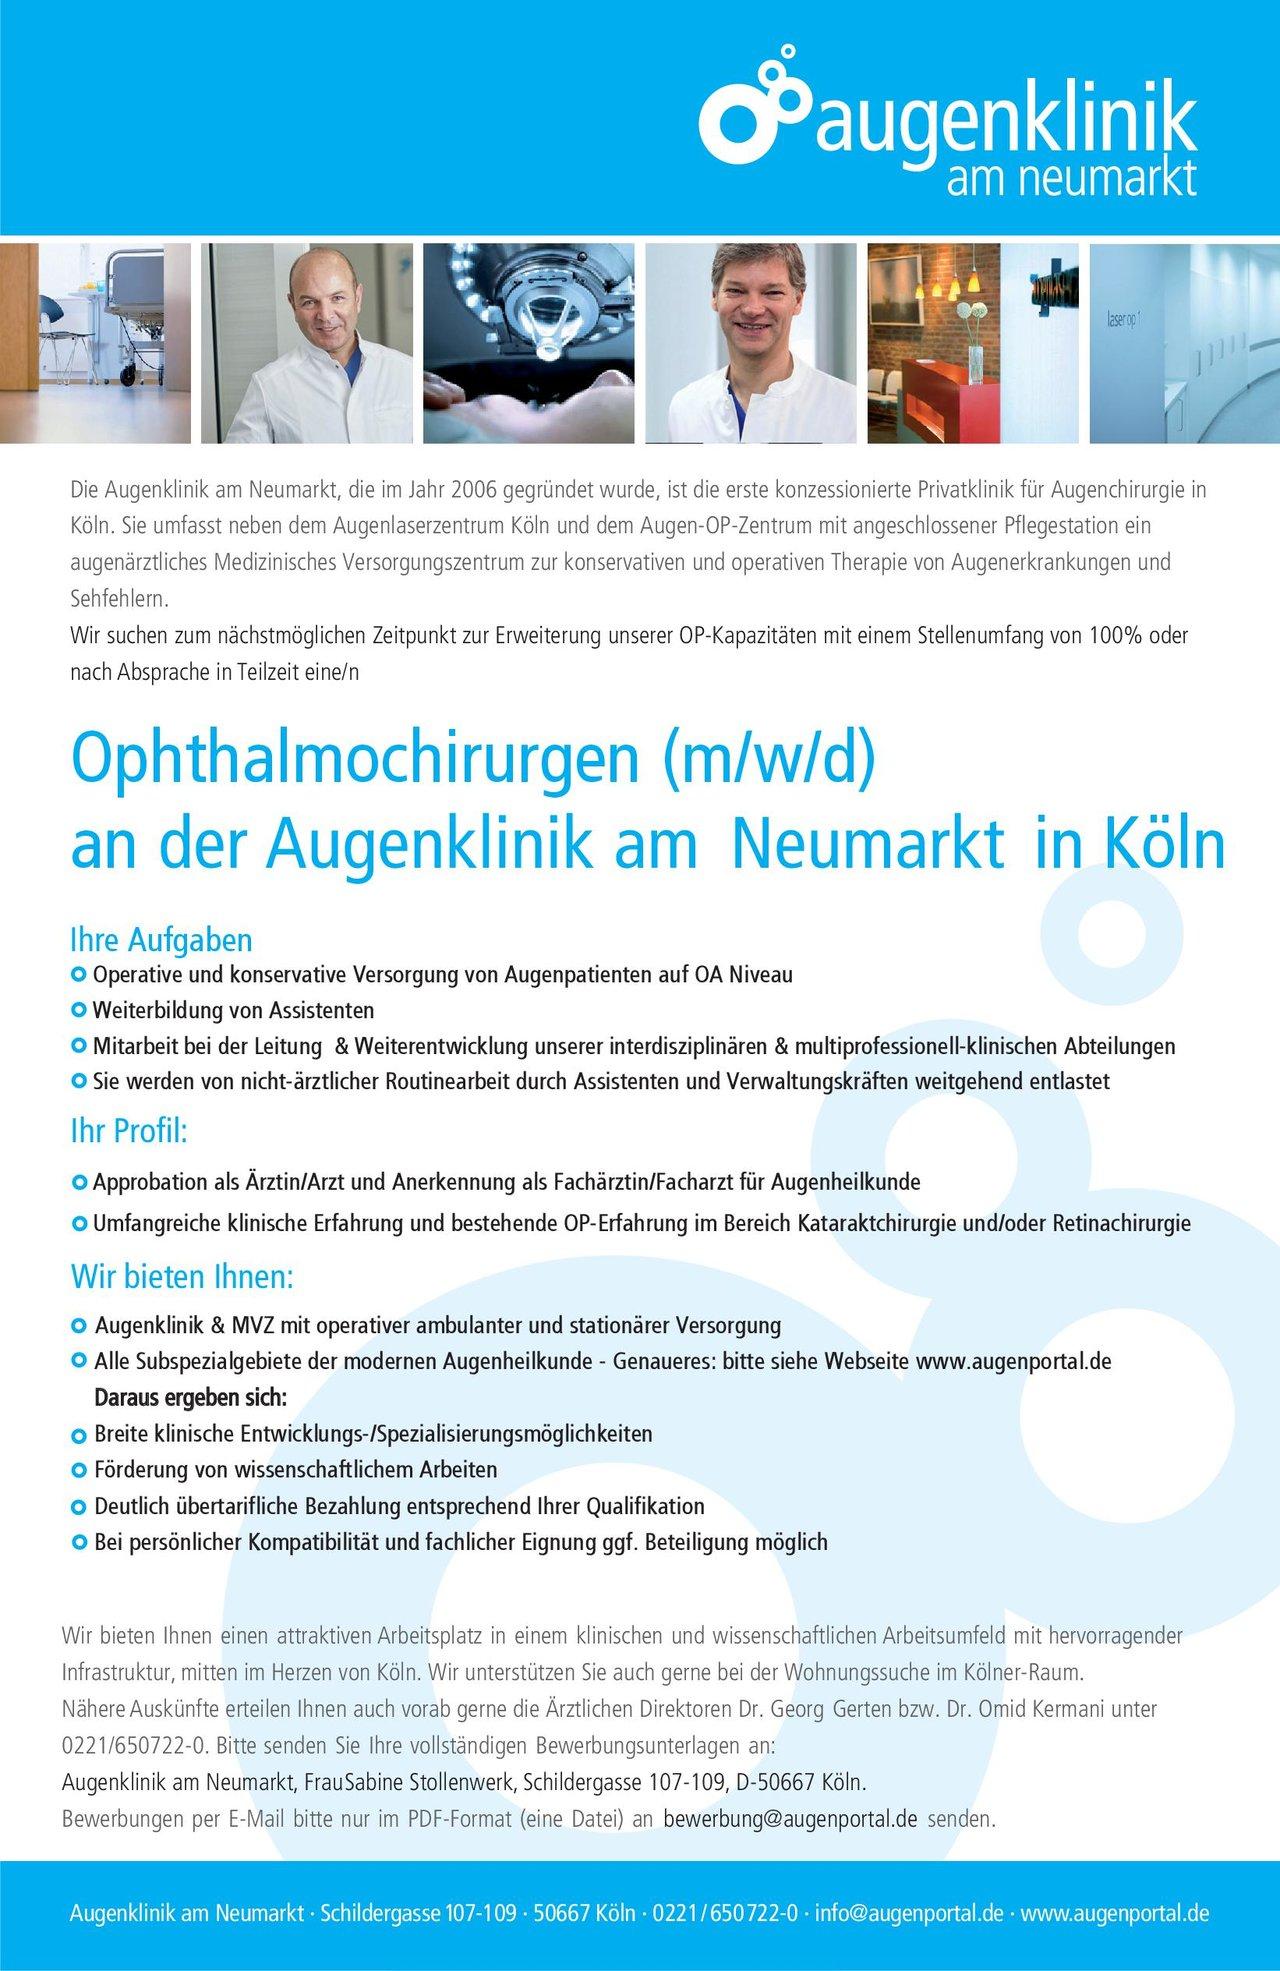 Augenklinik am Neumarkt Ophthalmochirurgen (m/w/d) Augenheilkunde Arzt / Facharzt